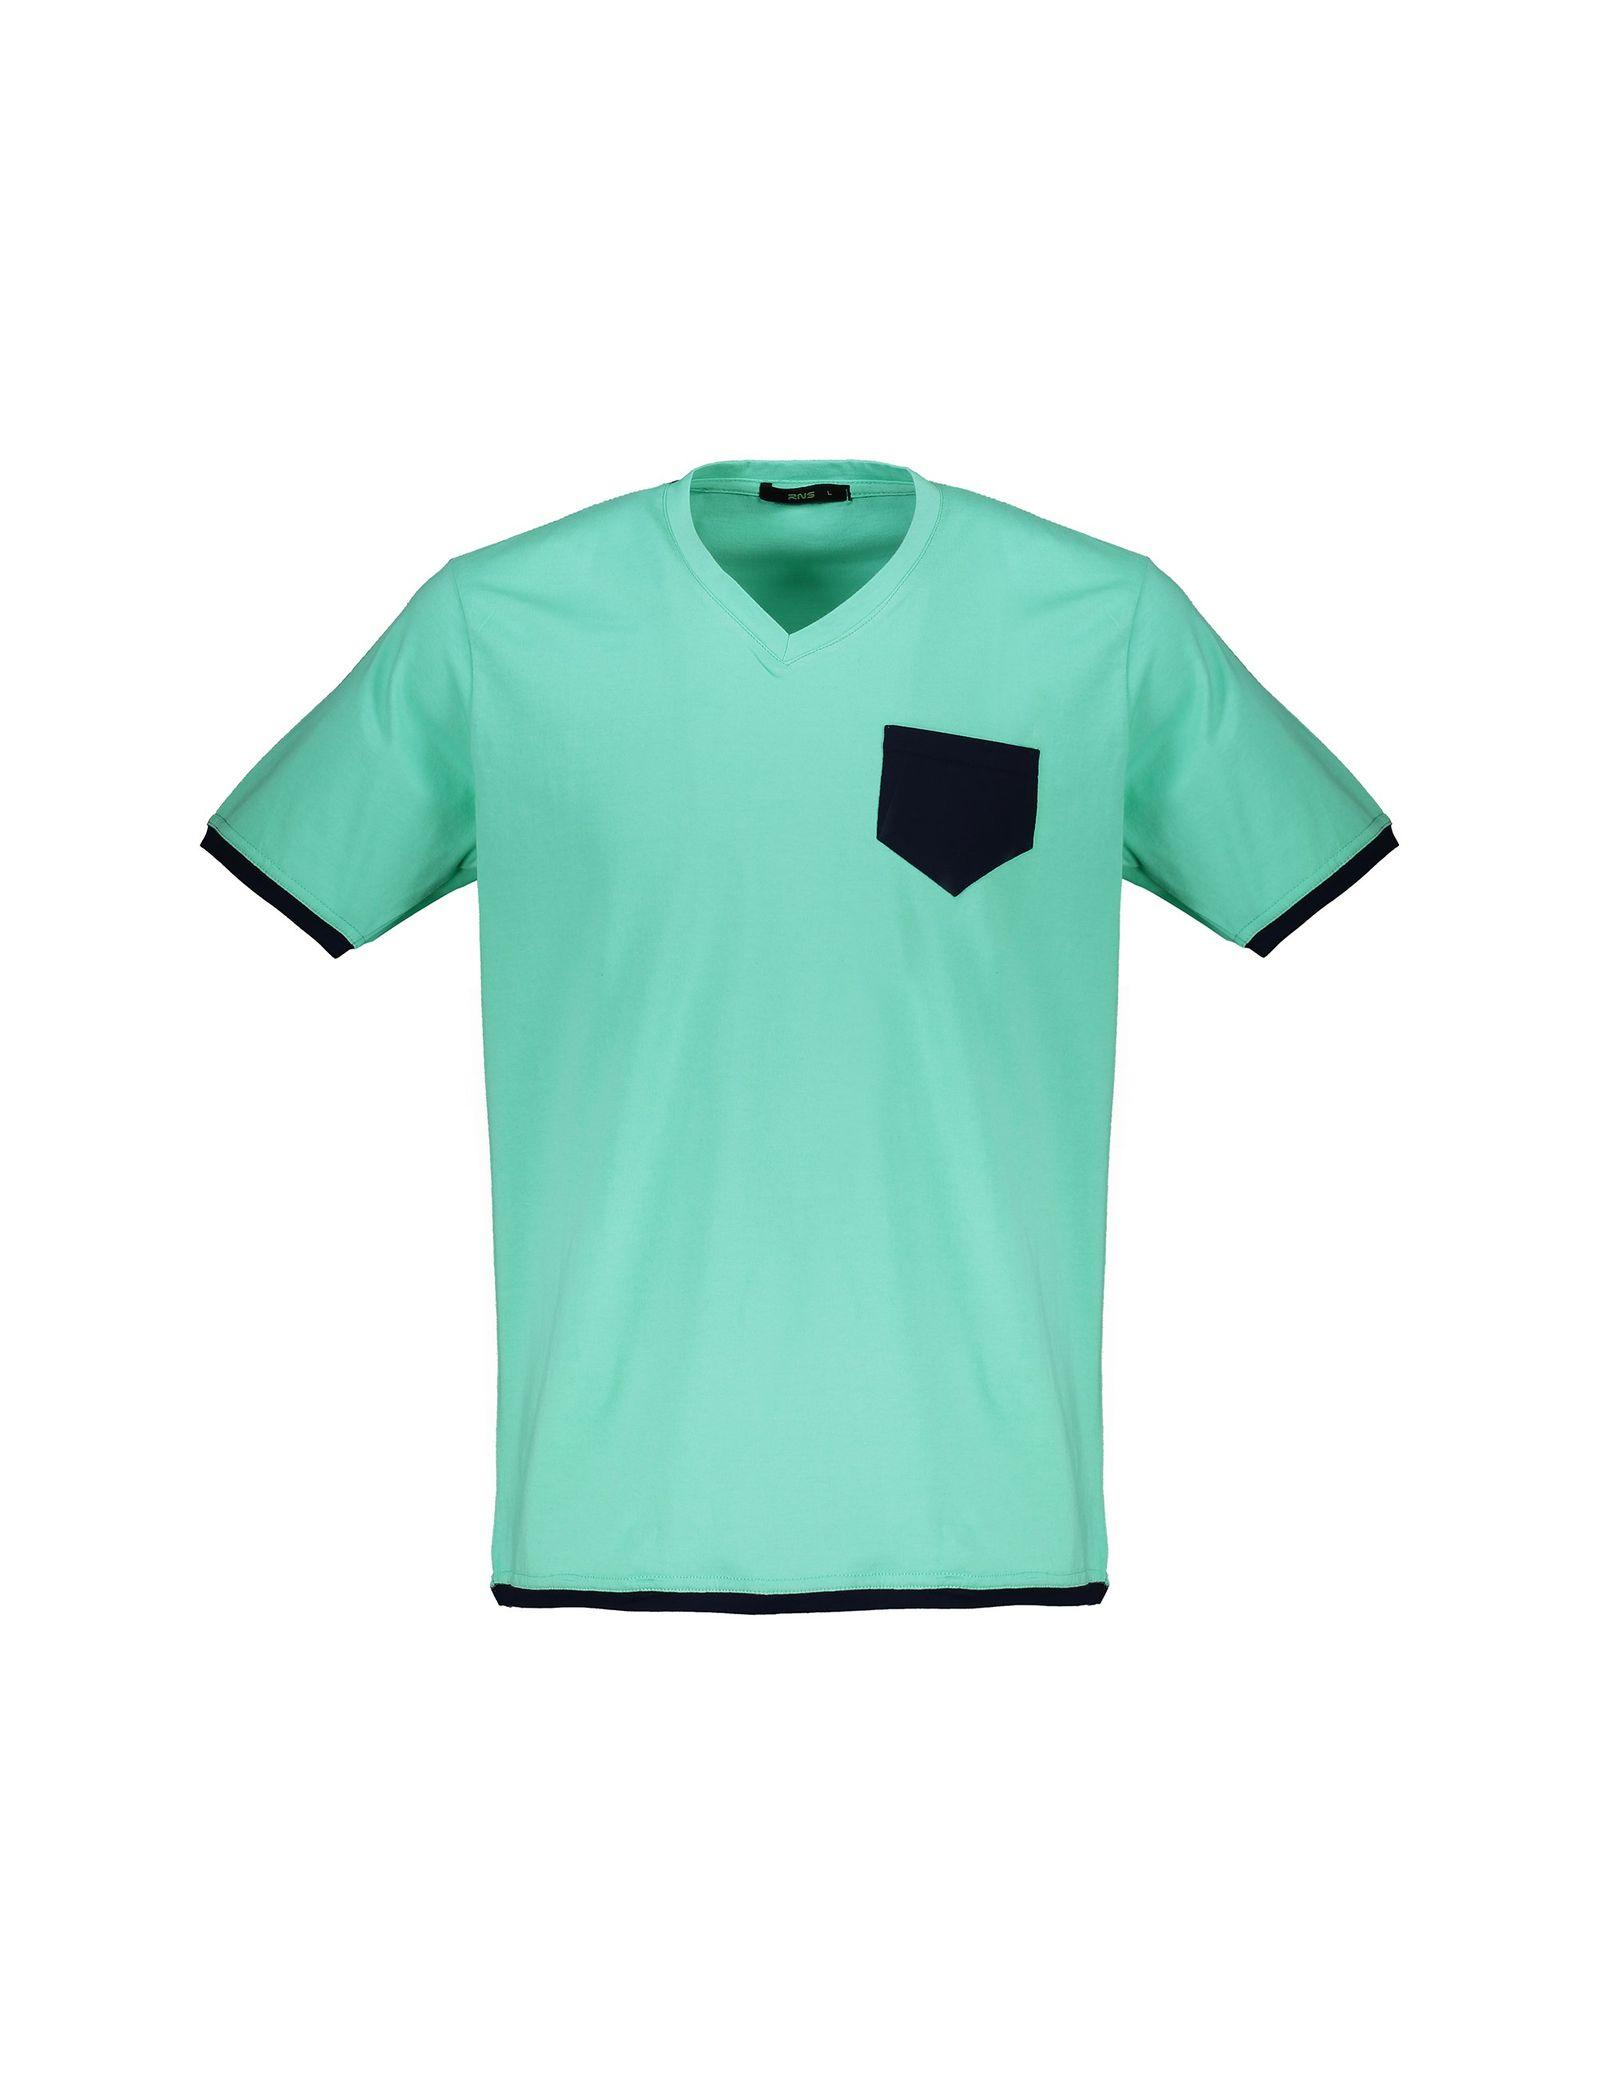 تی شرت و شلوار نخی راحتی مردانه - آر اِن اِس - سبز آبي - 2